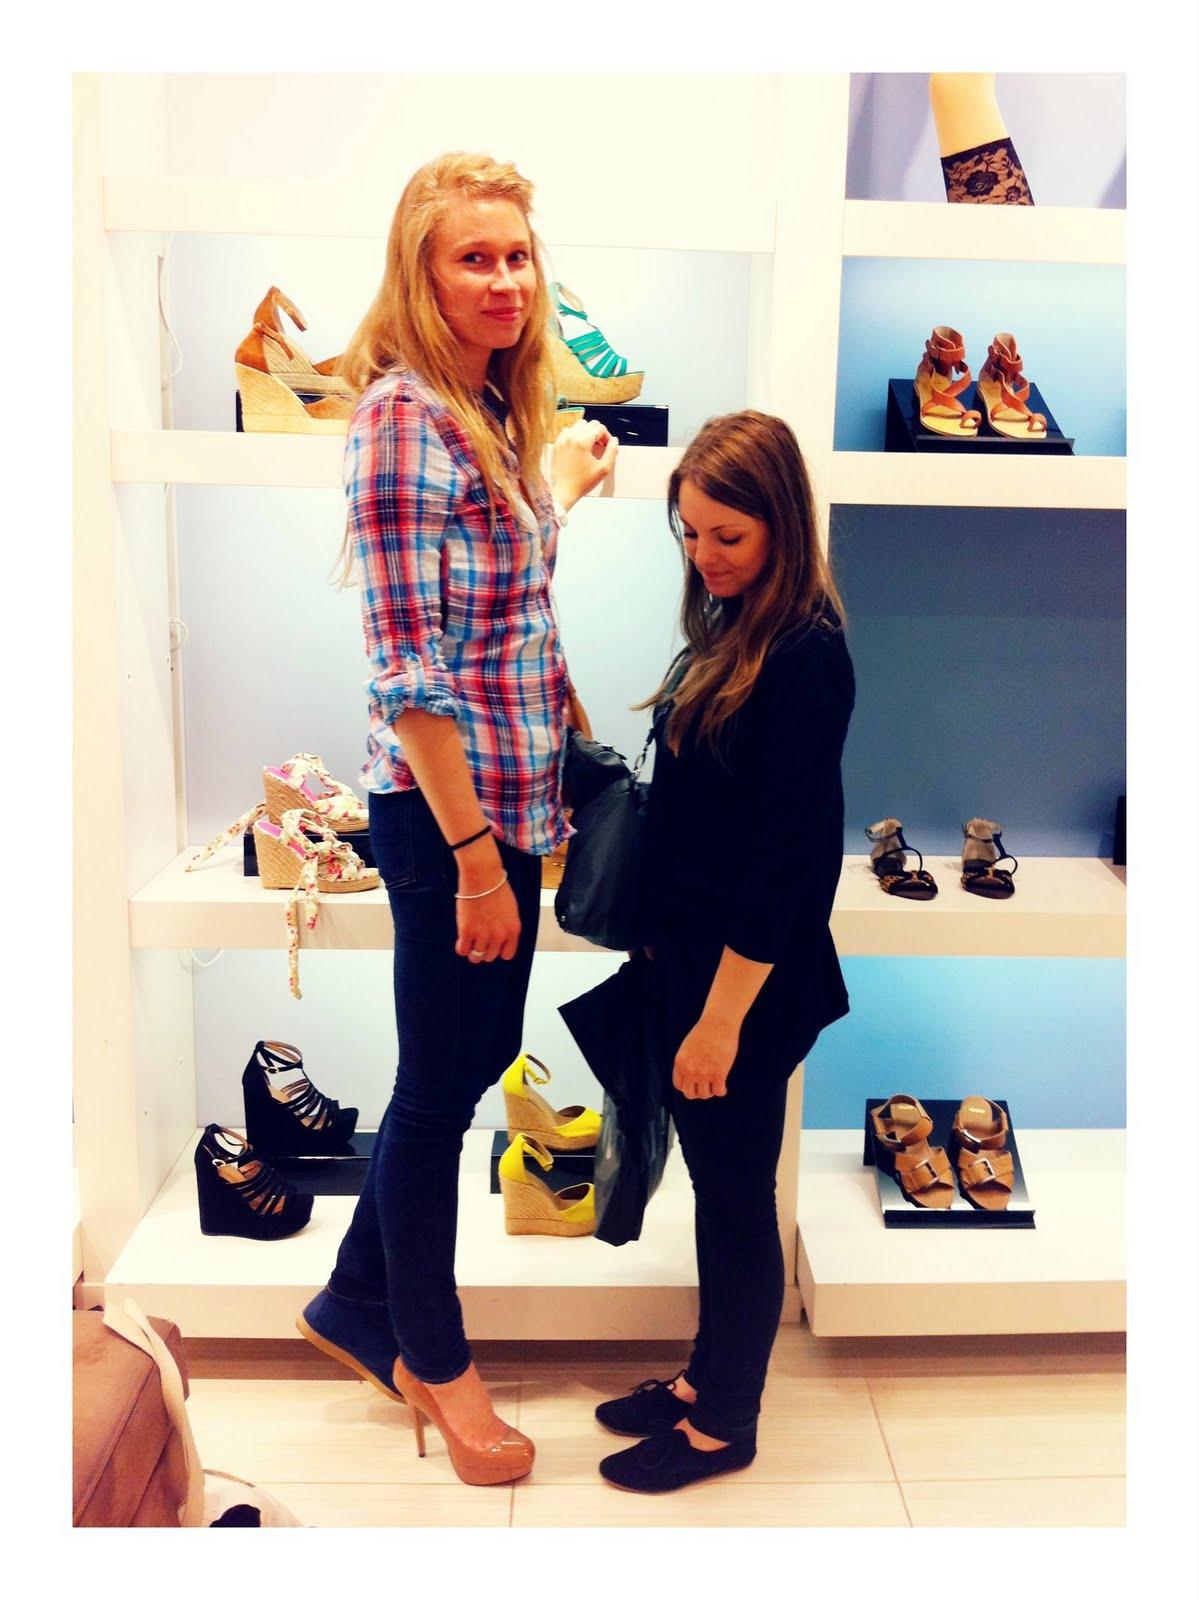 Tall girls vs short girls